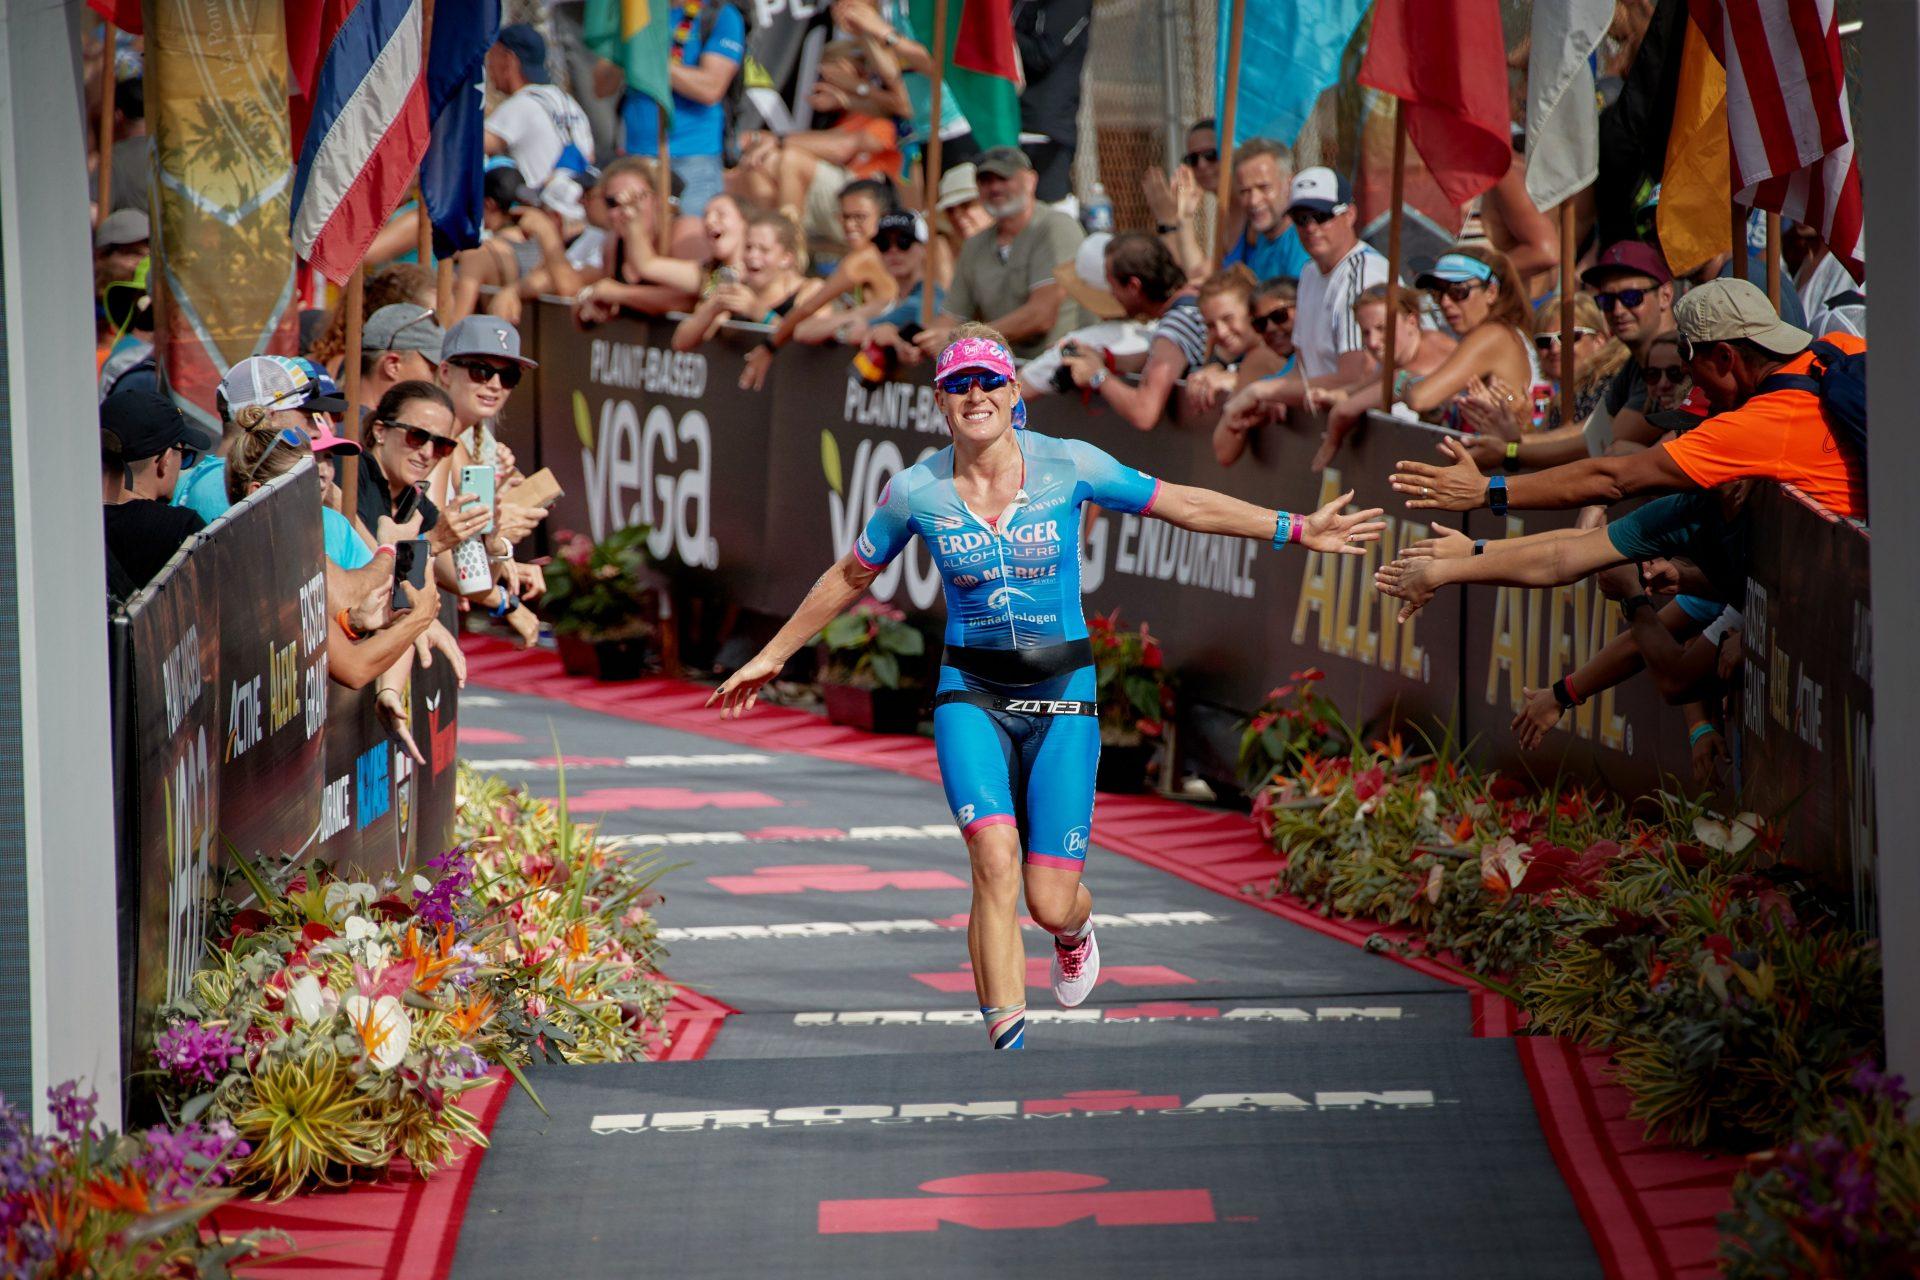 Daniela Bleymehl erreichtbei der Ironman Weltmeisterschaft Platz 9